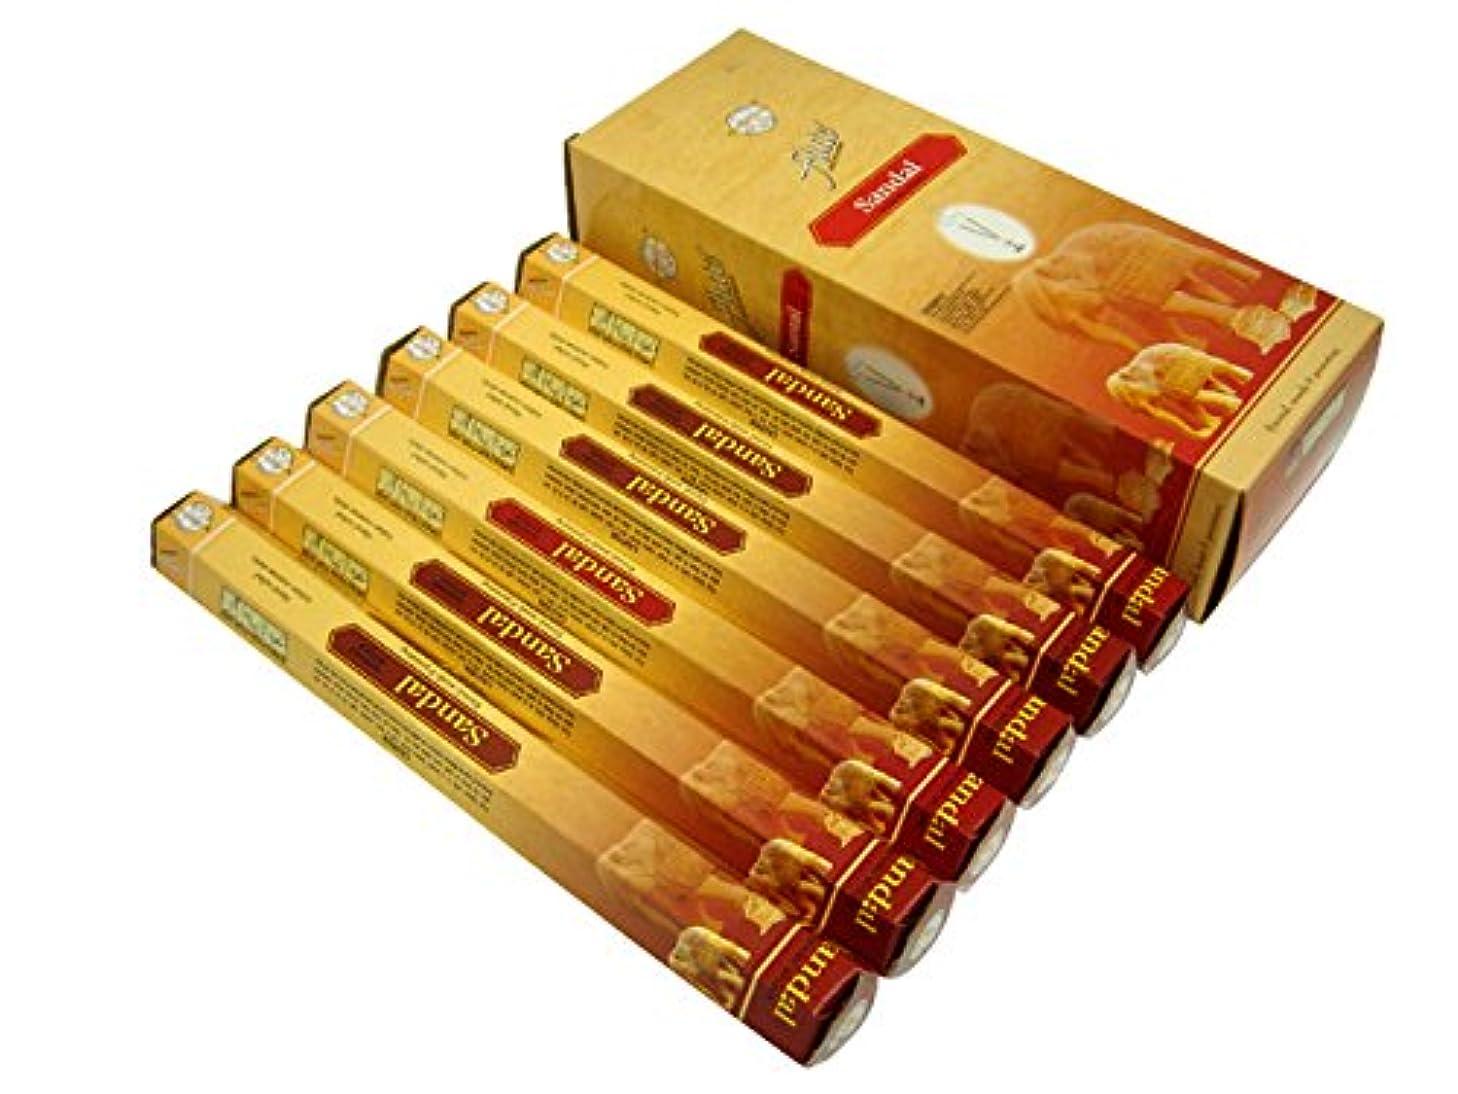 不承認ウォルターカニンガム肥料FLUTE(フルート) サンダル香 スティック SANDAL 6箱セット